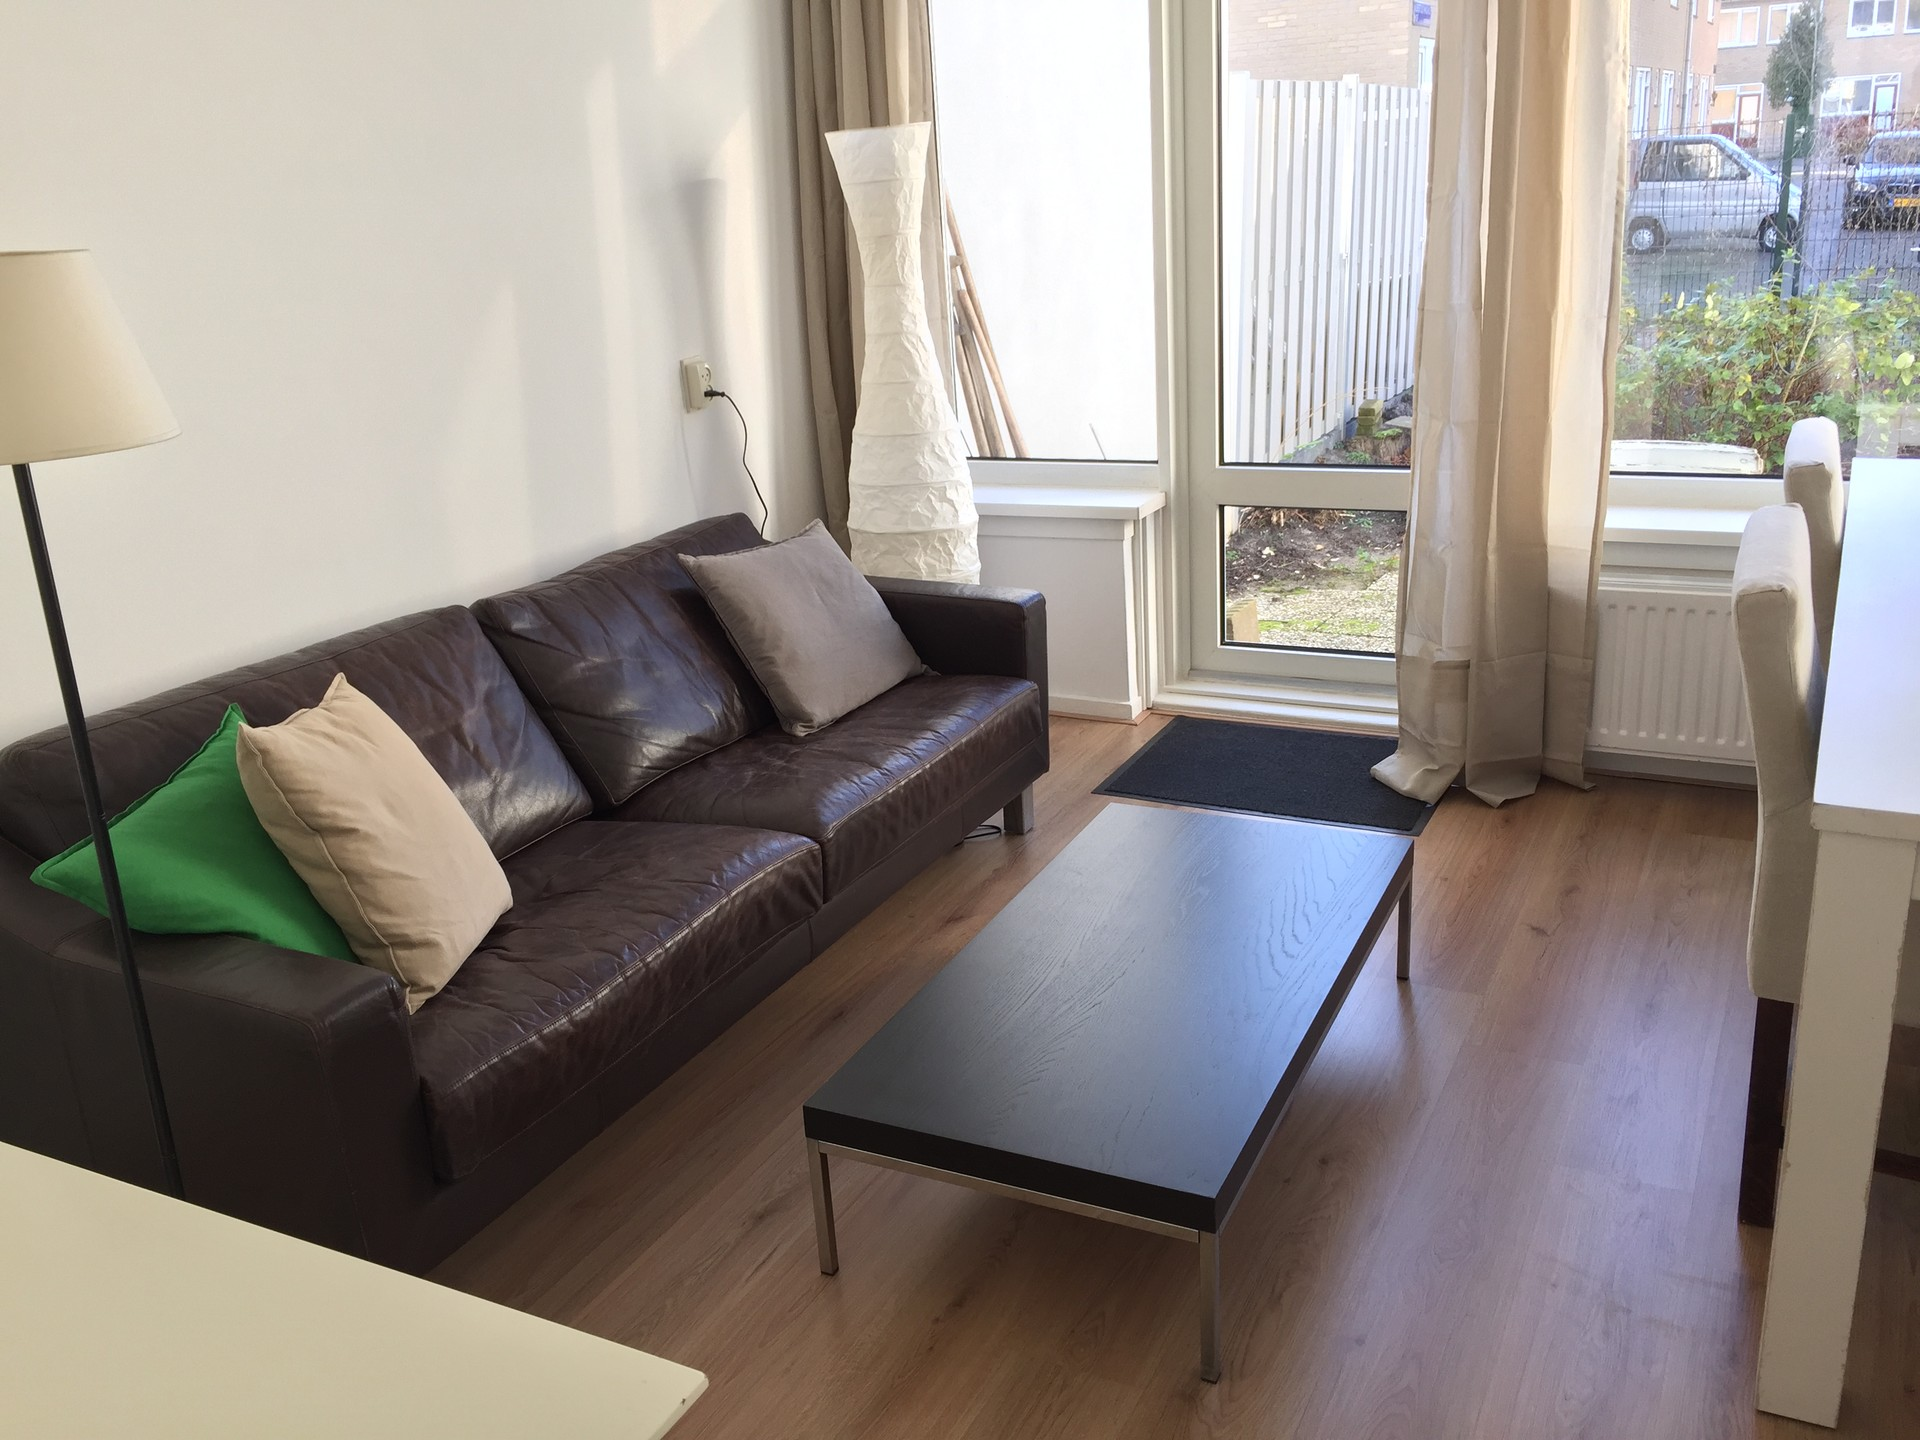 comfortable-house-sunny-garden-free-parking-a5a367f243953cff9851ebab9b528d39